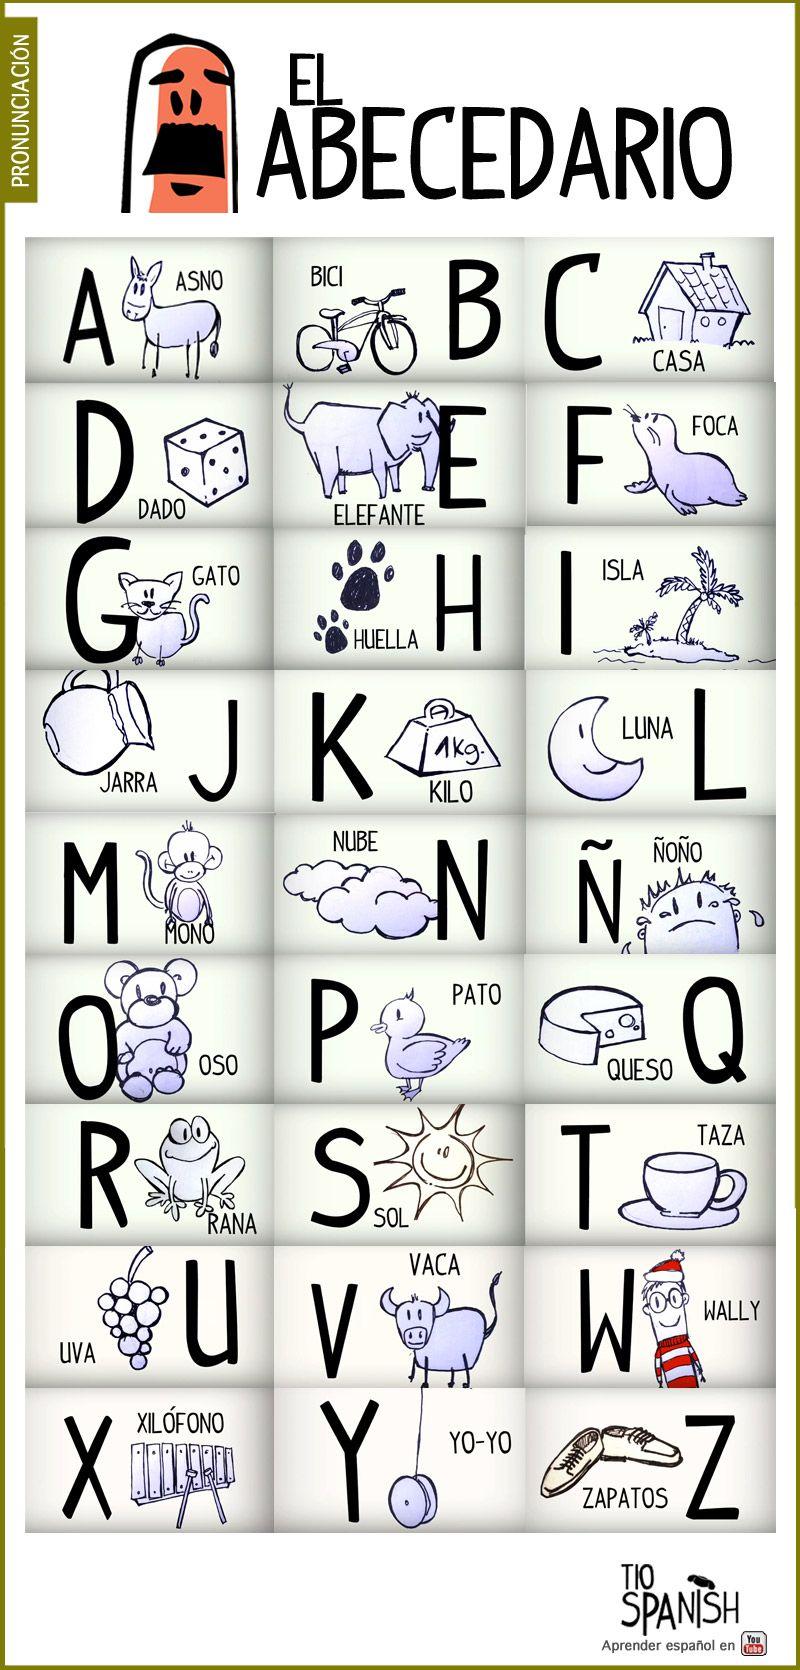 Las Letras Del Abecedario En Espanol El Alfabeto Tio Spanish